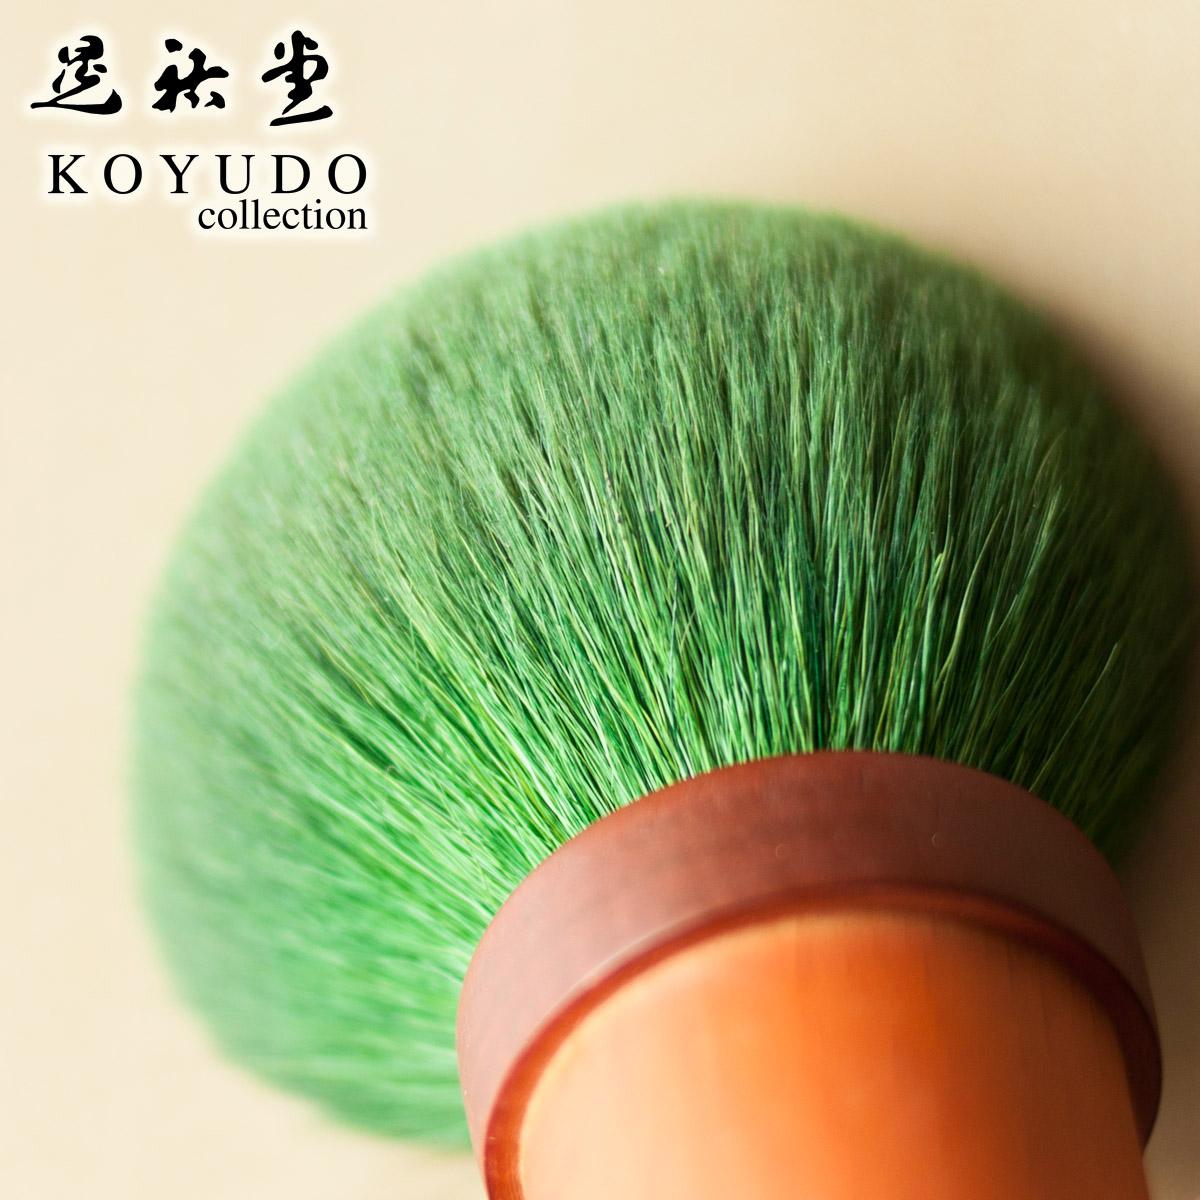 KOYUDO Cactus Shaped Multi Tasker Brush Kaktus Kabuki-5